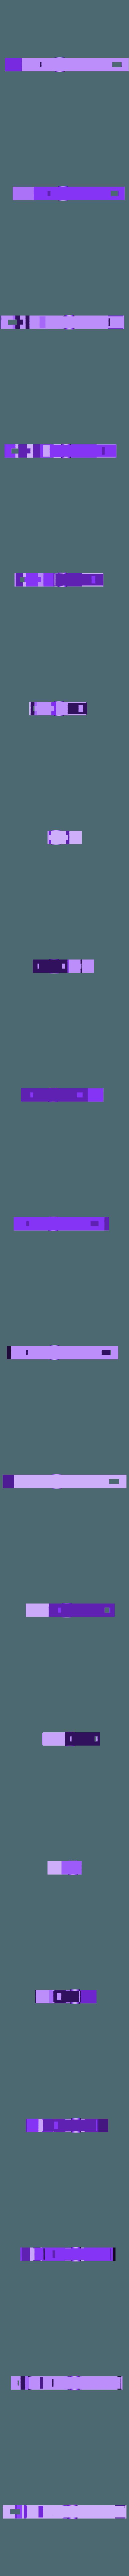 Front_Mid.stl Télécharger fichier STL gratuit Le concept du fusil Khan de Marvels The Exiles • Plan pour imprimante 3D, Dsk